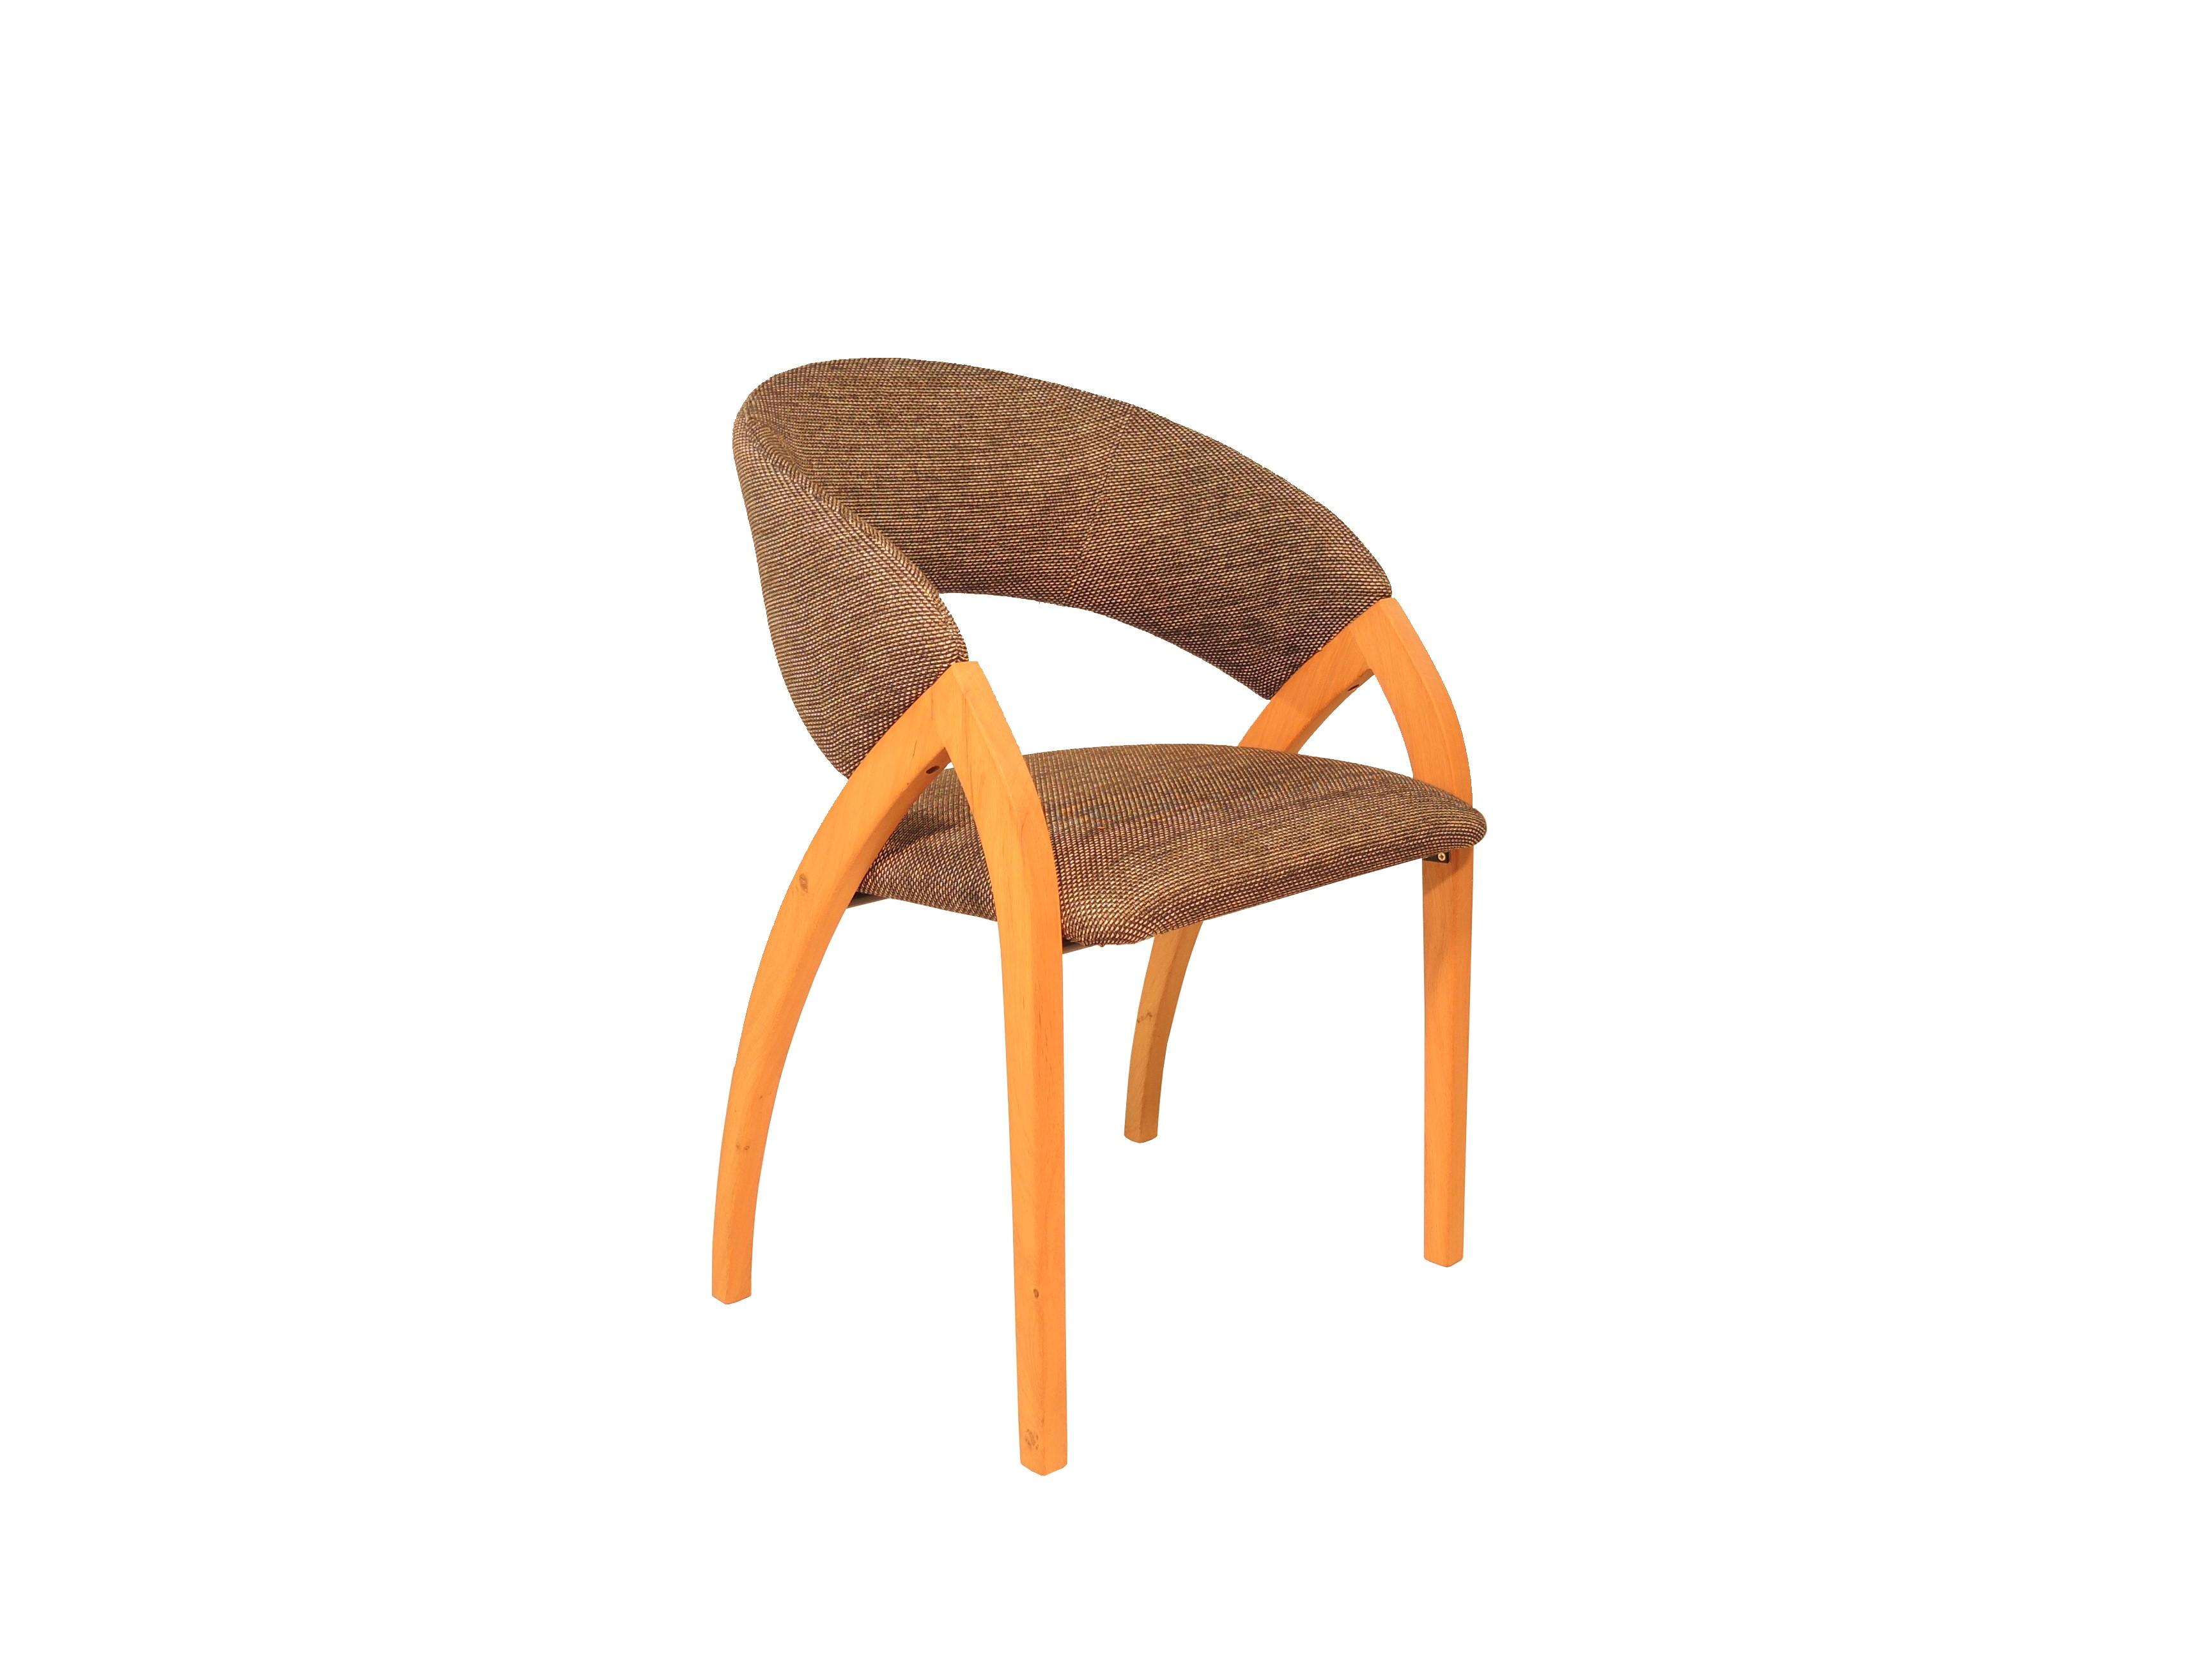 Eiken Eetkamer Stoel.Arturo Design En Elegante Eetkamerstoel Met Moderne Uitstraling